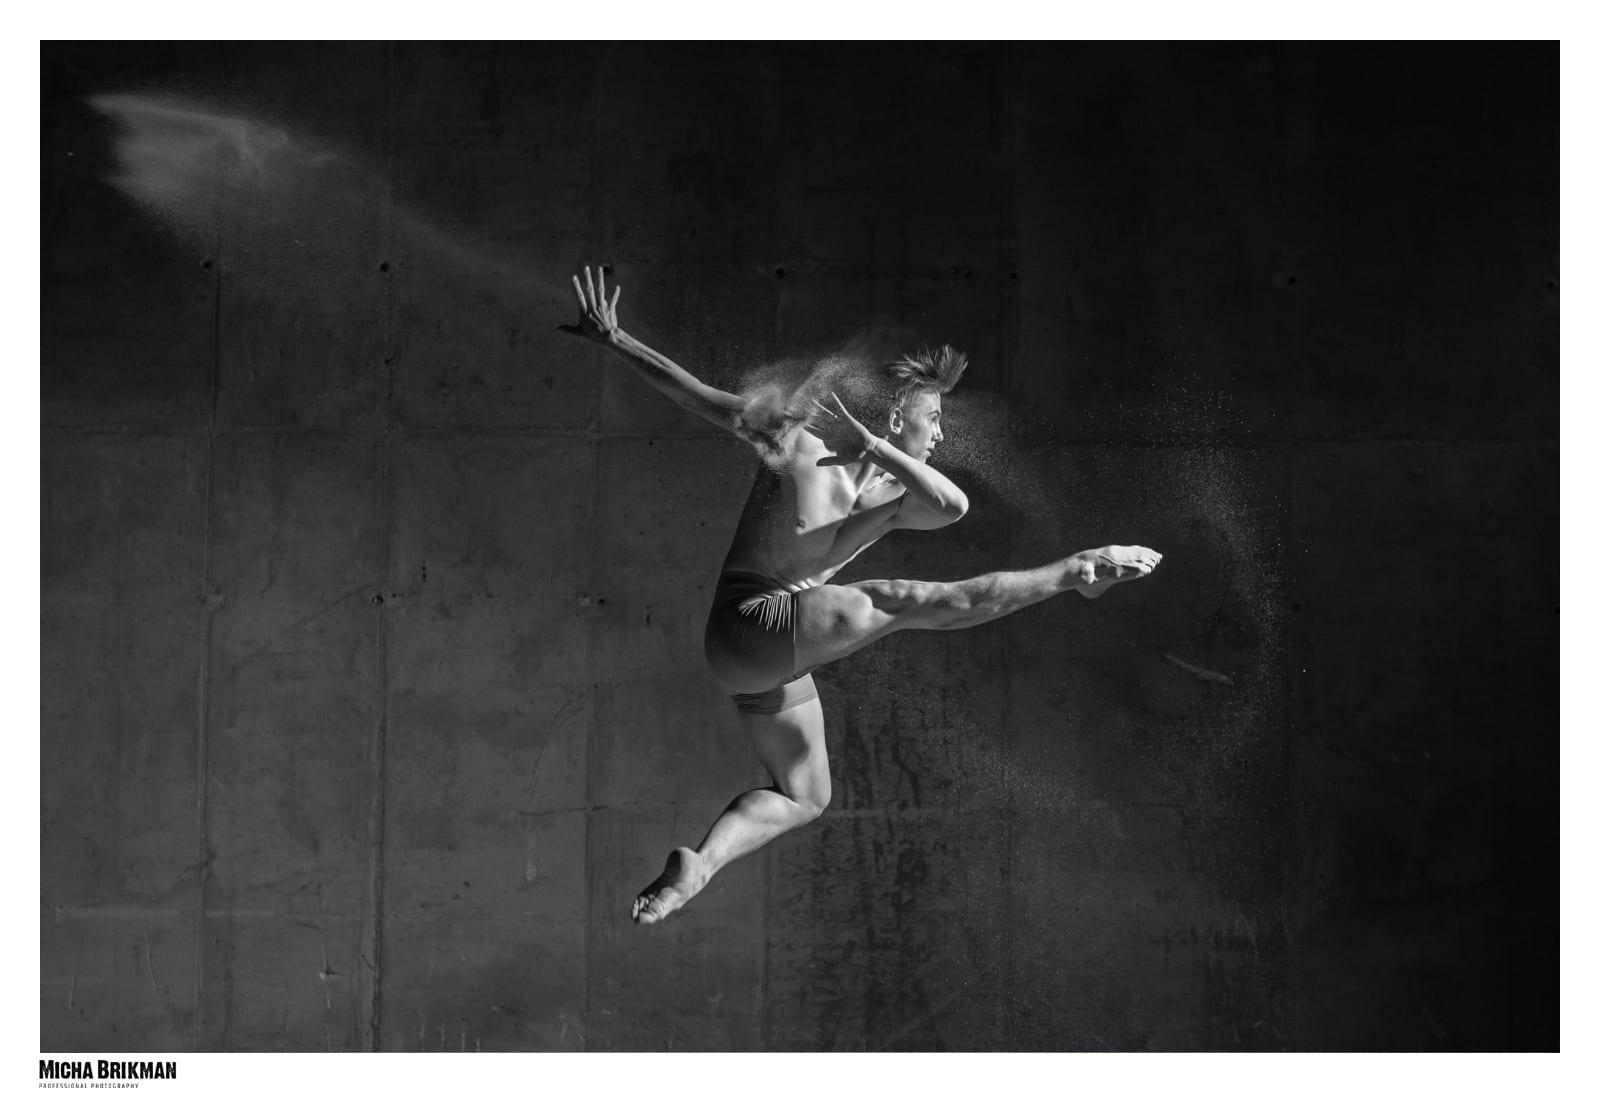 צילומי אומנות של רקדן באצטדיון סמי עופר